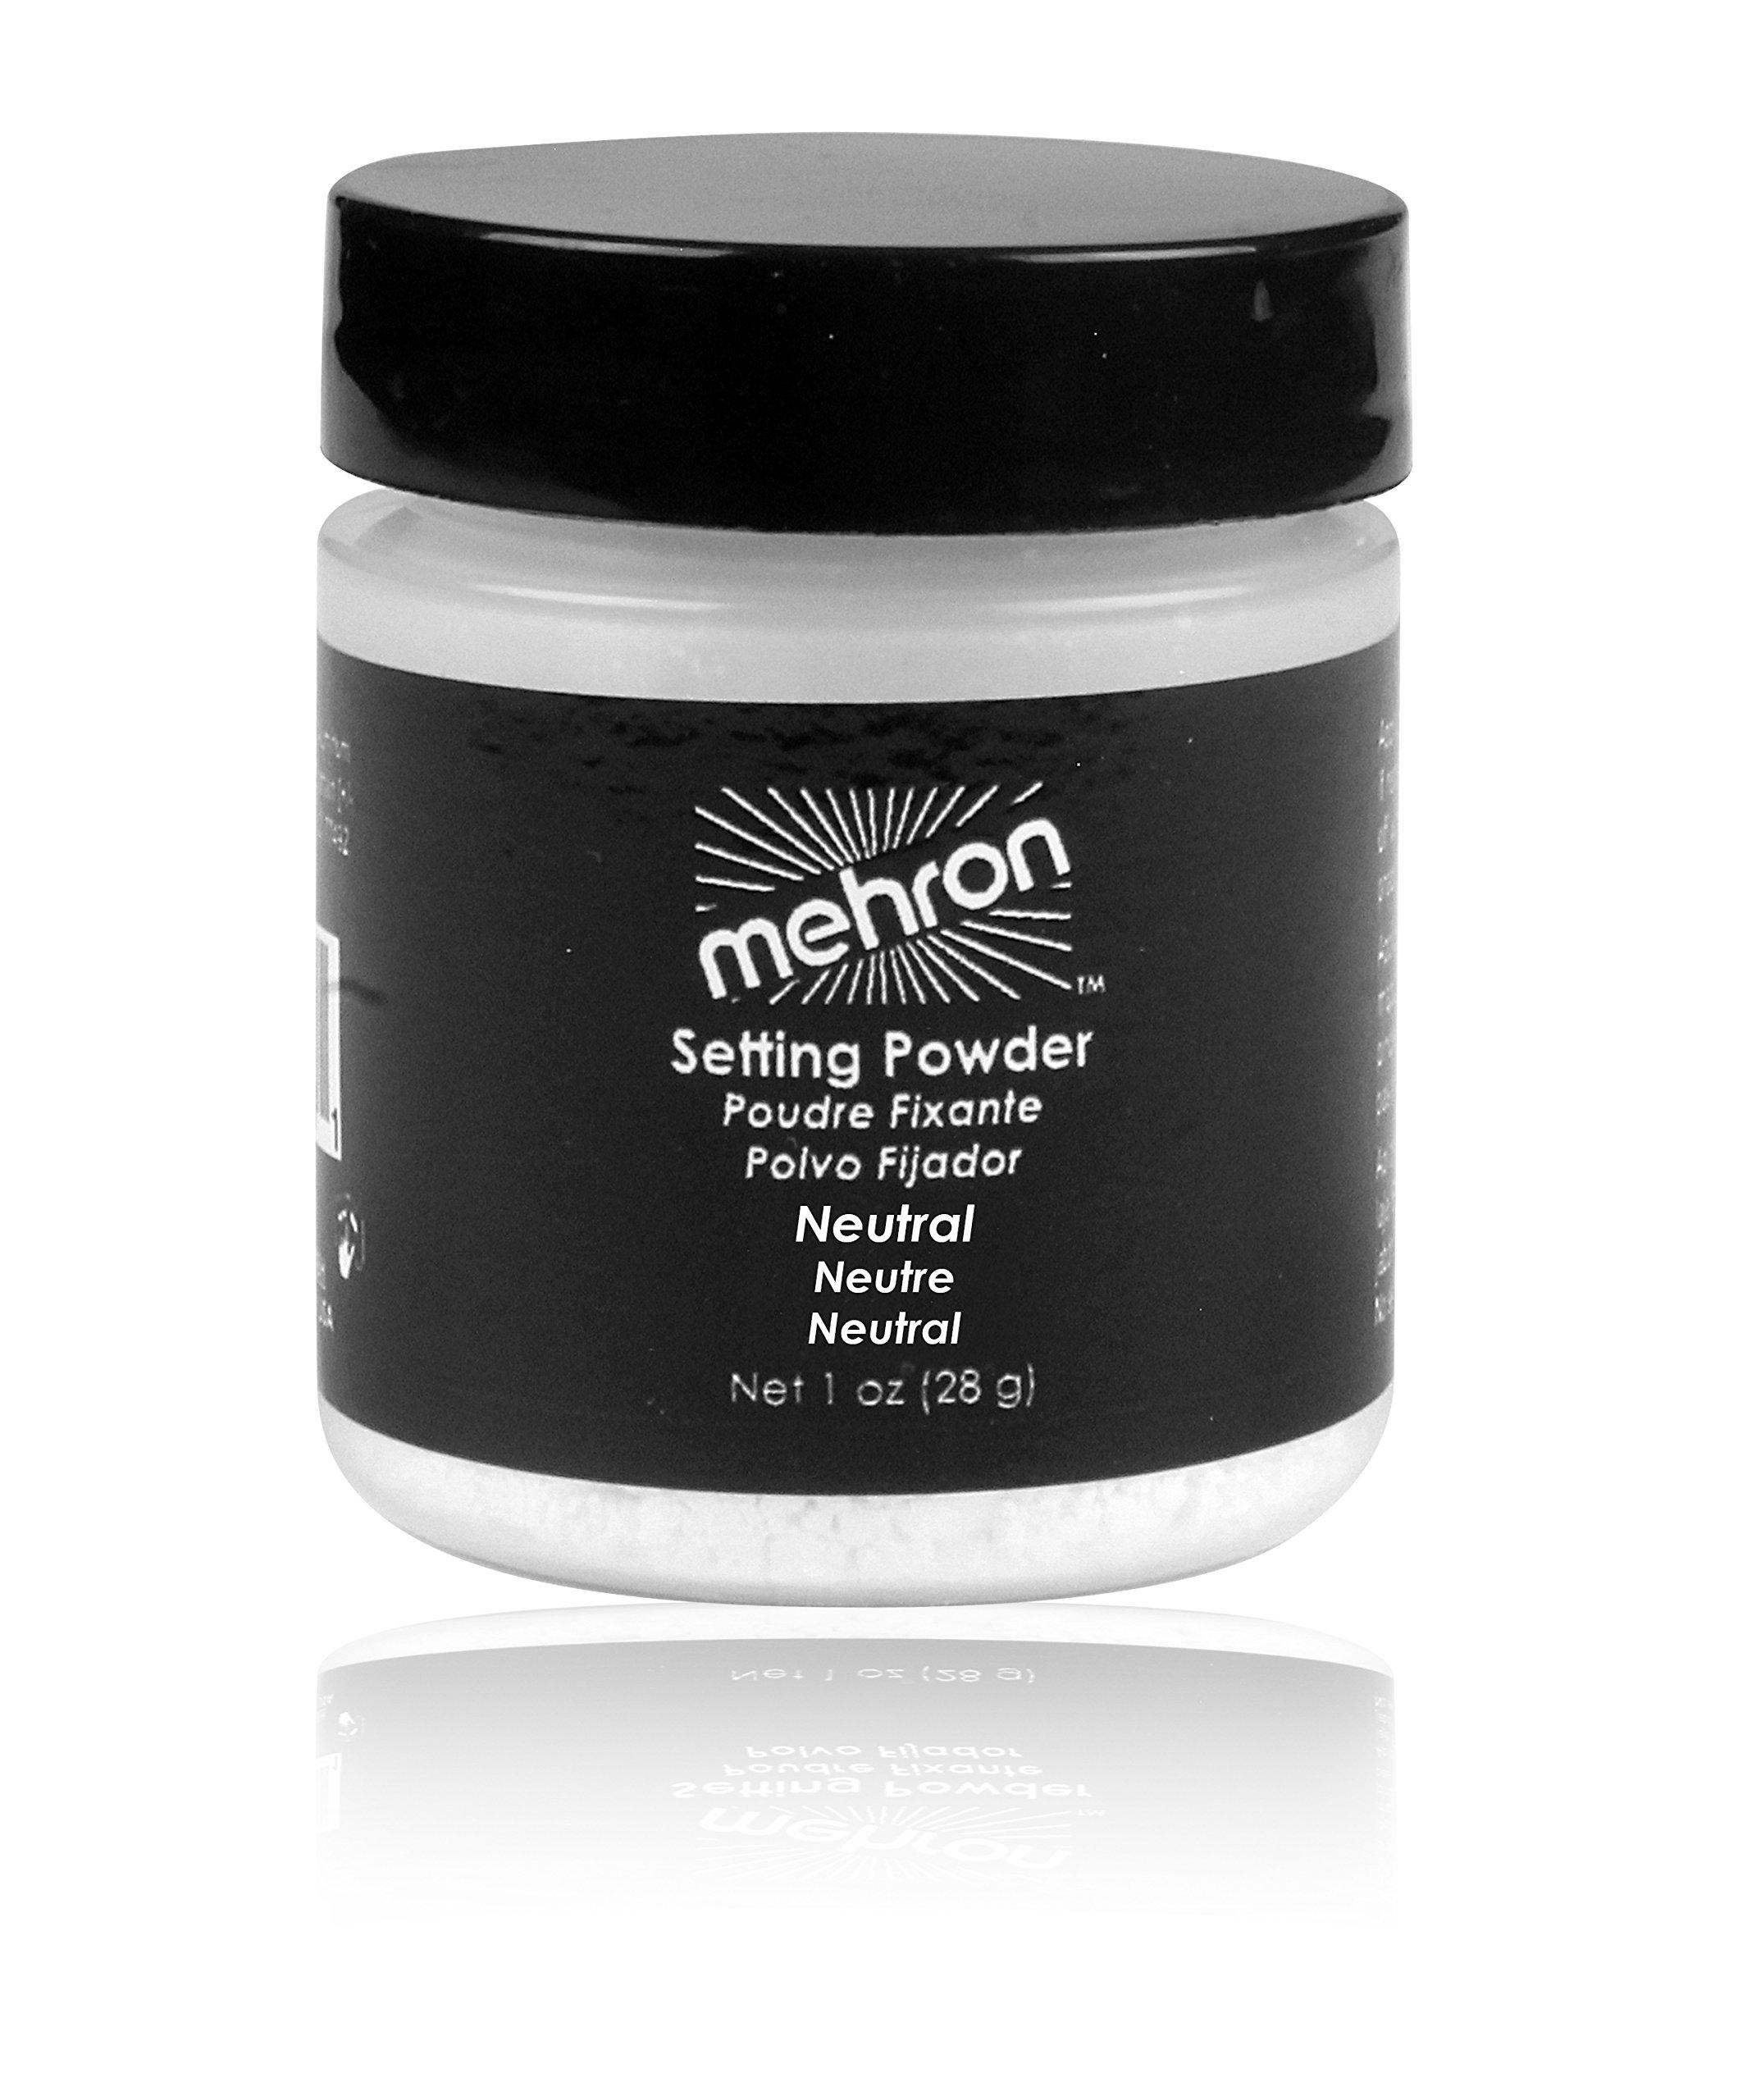 Mehron Makeup Setting Powder, 1 oz (Neutral)